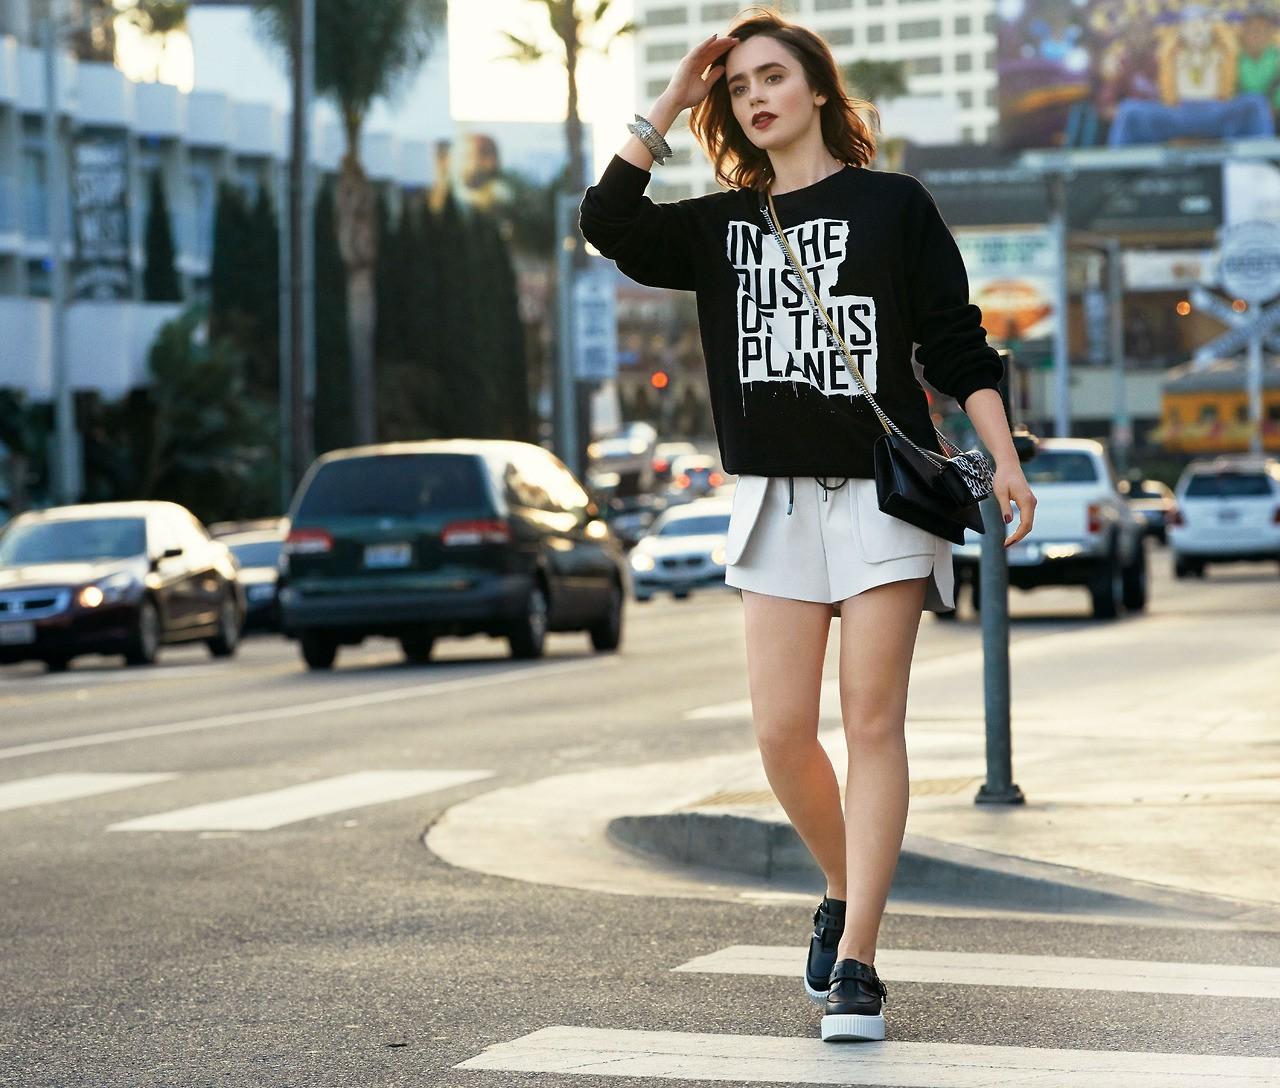 女性 ポートレート 通り 道路 ファッション リリー・コリンズ スニーカー 春 衣類 インフラ 靴 履物 アウター